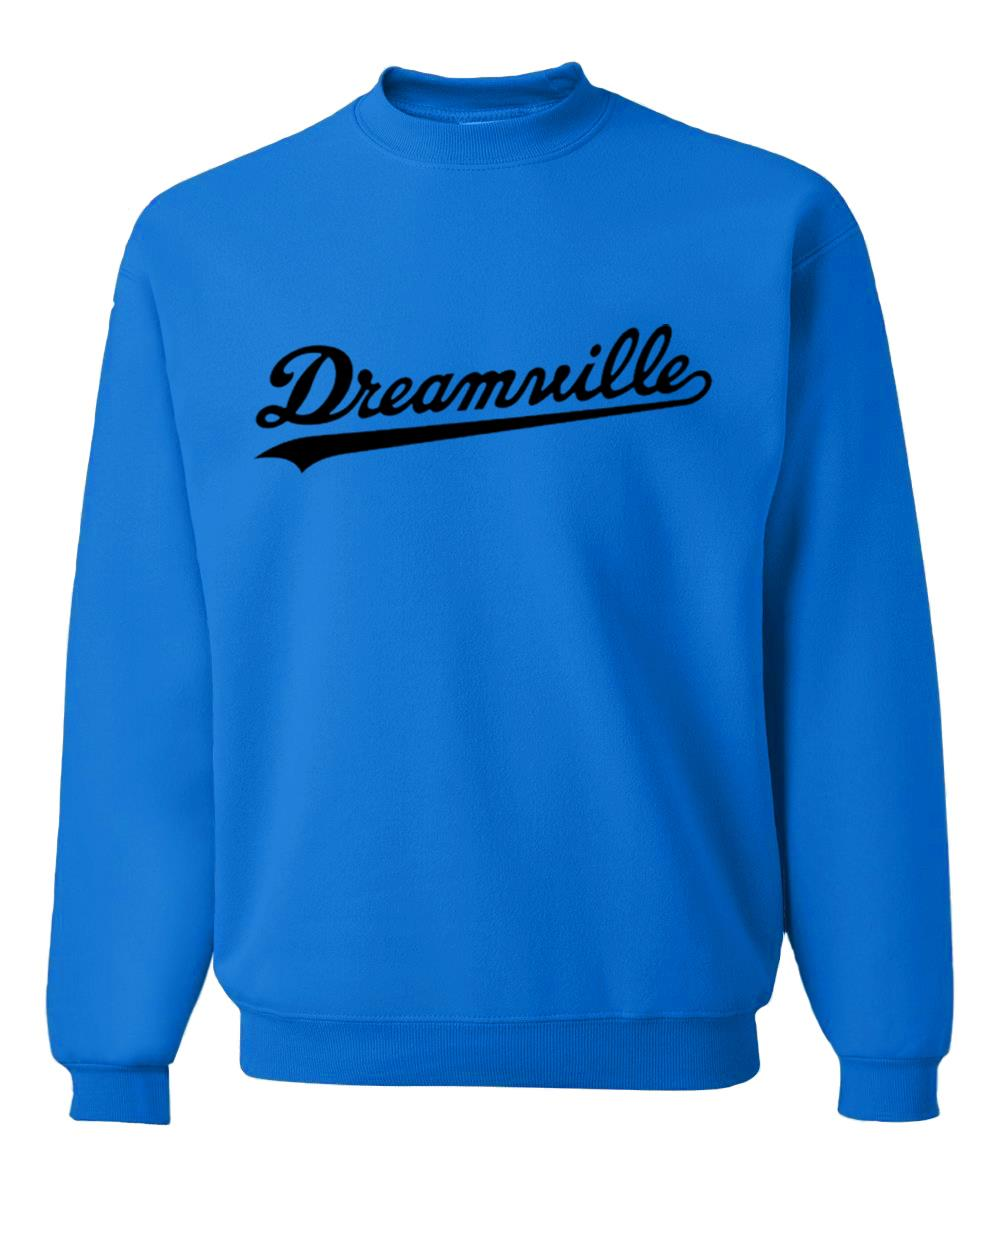 bodybuilding Sweatshirt Men cotton fleece Hip Hop Hoodie Letter hip hop streetwear Men Hoodies Brand 2019 Autumn spring New ding